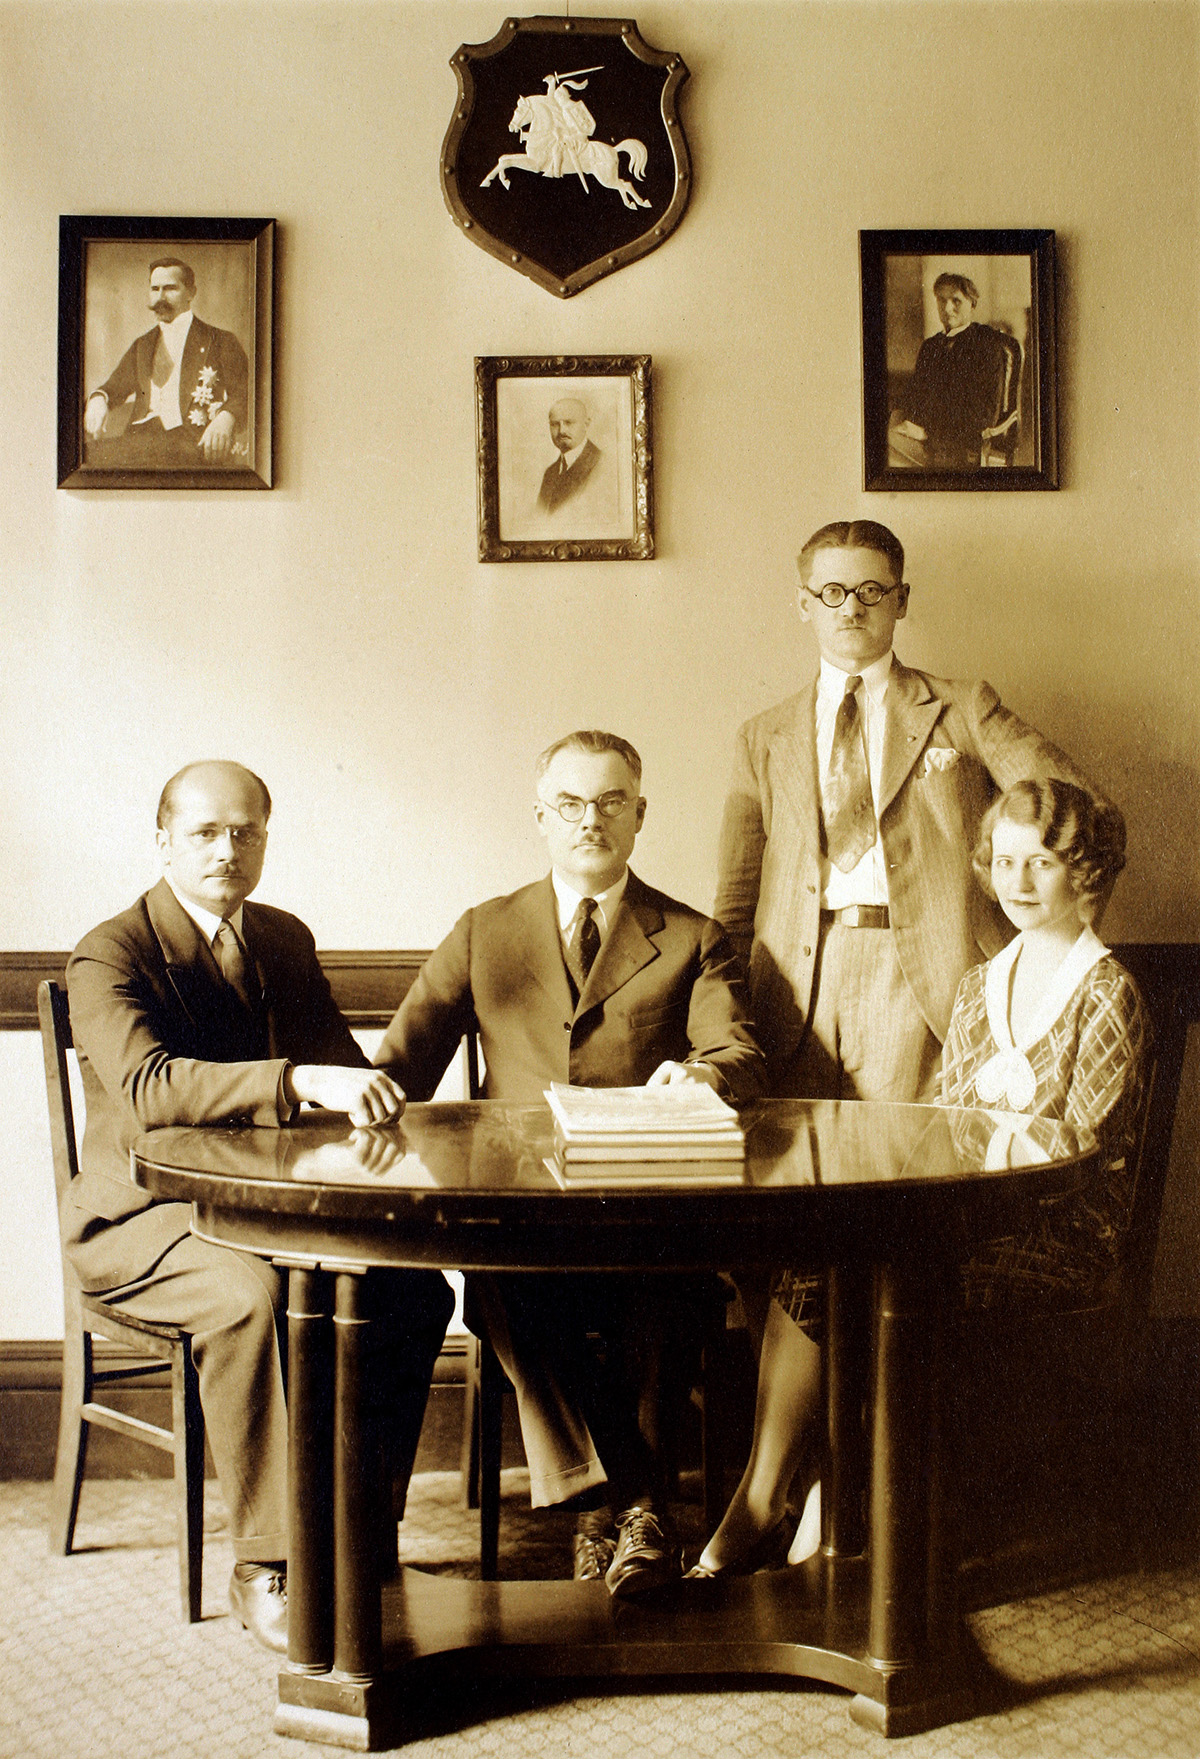 Lietuvos generalinio konsulato New Yorke darbuotojai apie 1928 metus.